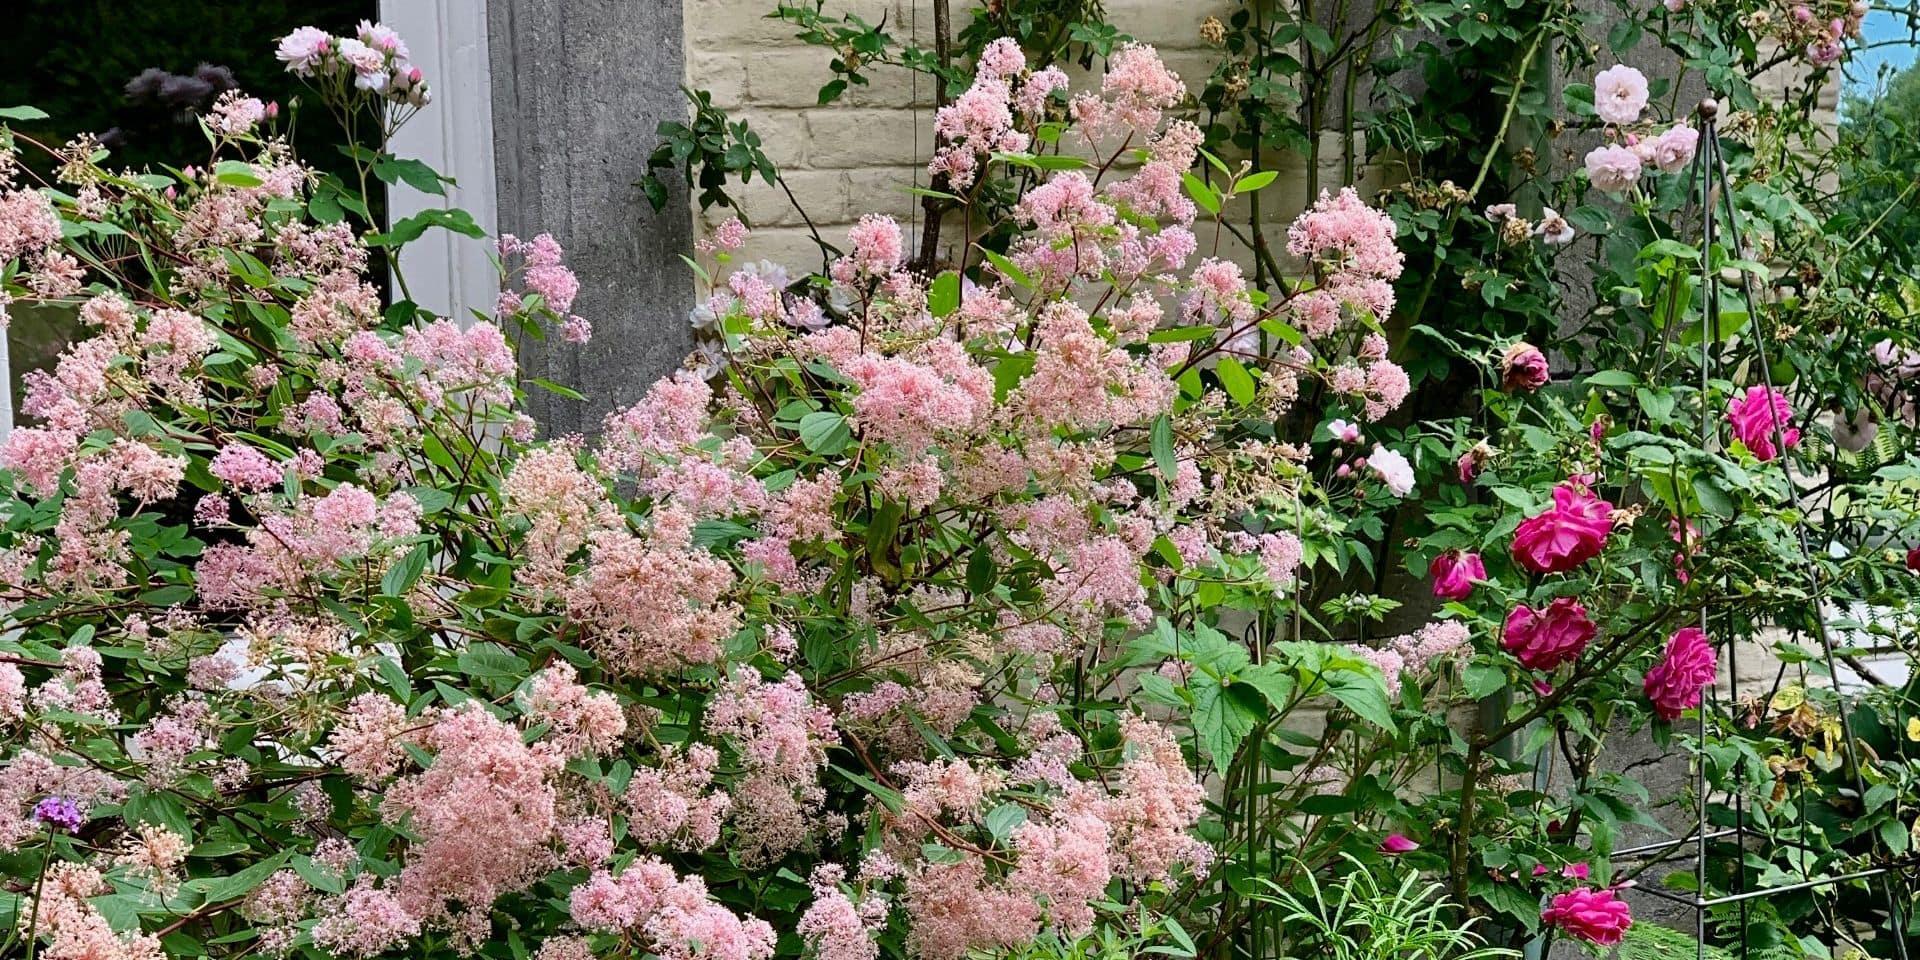 Au jardin : juin, aux portes de l'été, le mois où les floraisons se chevauchent